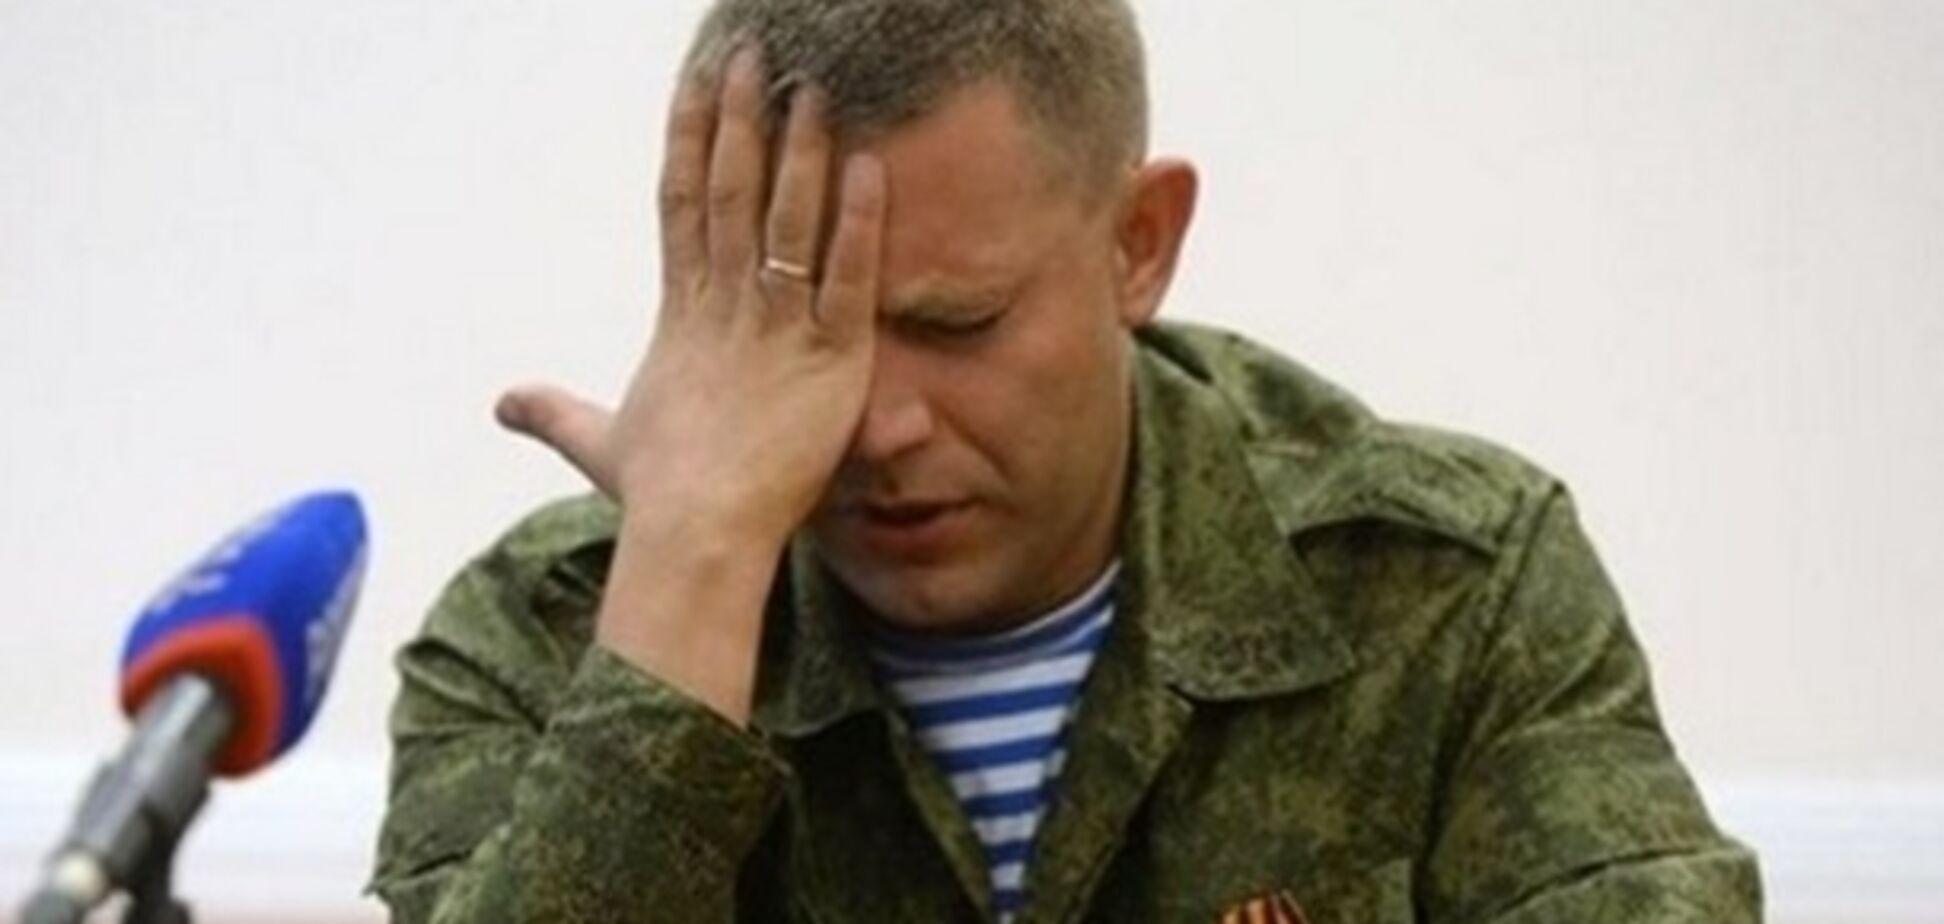 Бунт против террористов: выяснилось, к чему приведет окончательная изоляция 'ДНР'